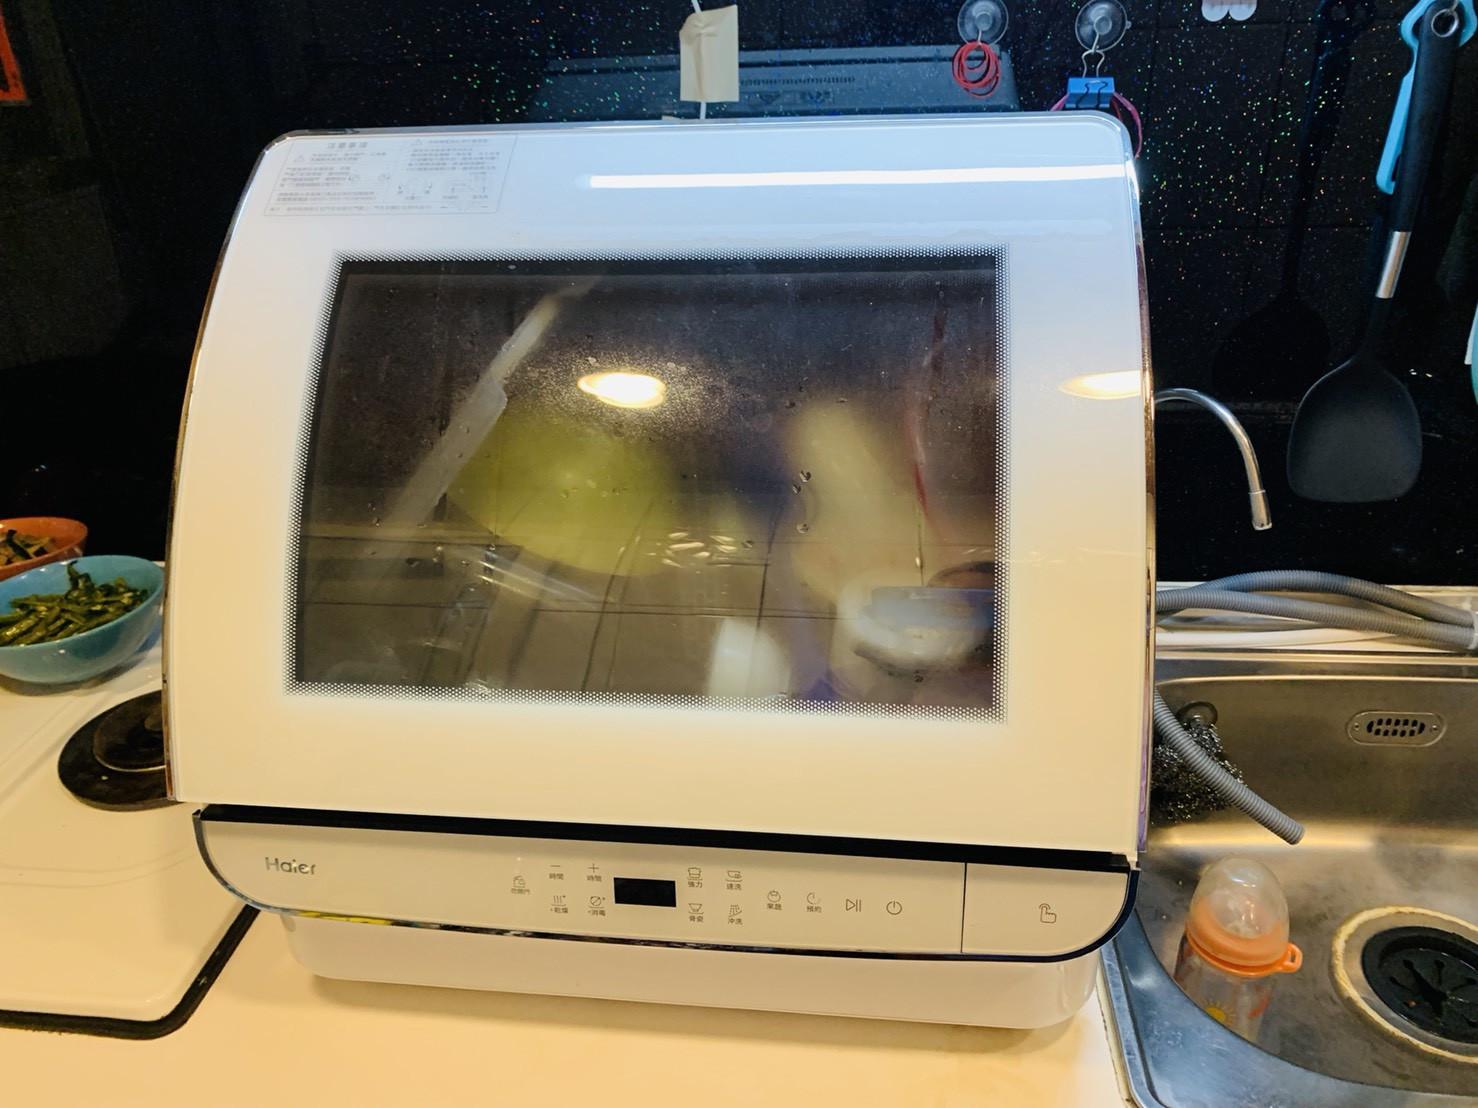 【海爾Haier】小海貝全自動洗碗機。開箱文!的第 8 張圖片